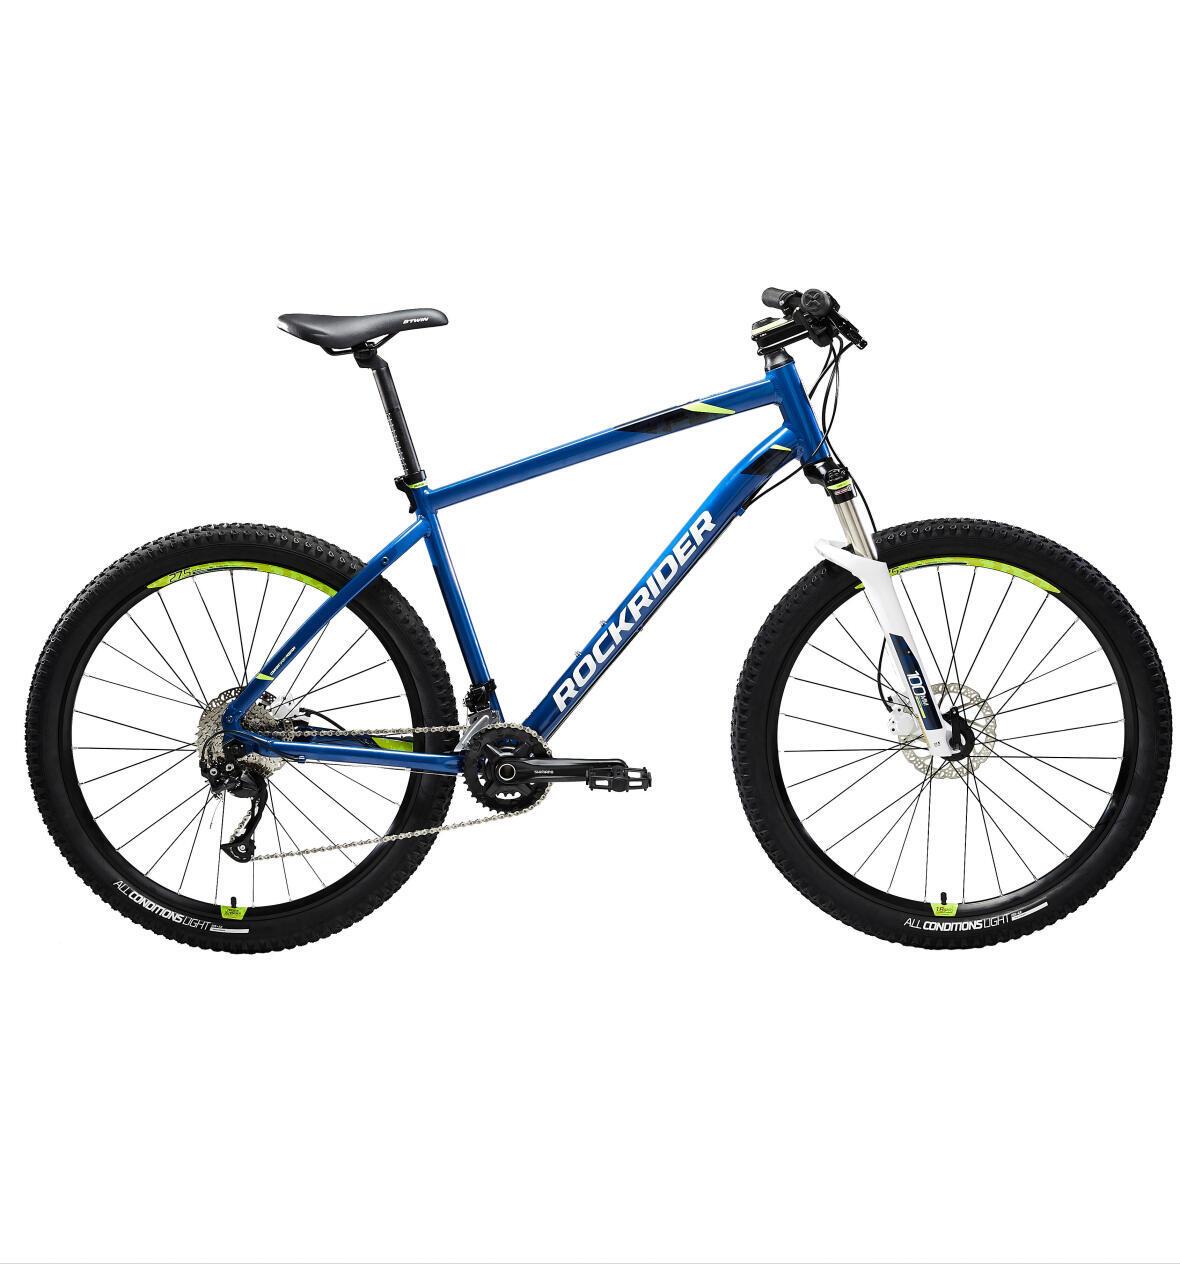 VTT ROCKRIDER ST 540 BLUE YELLOW